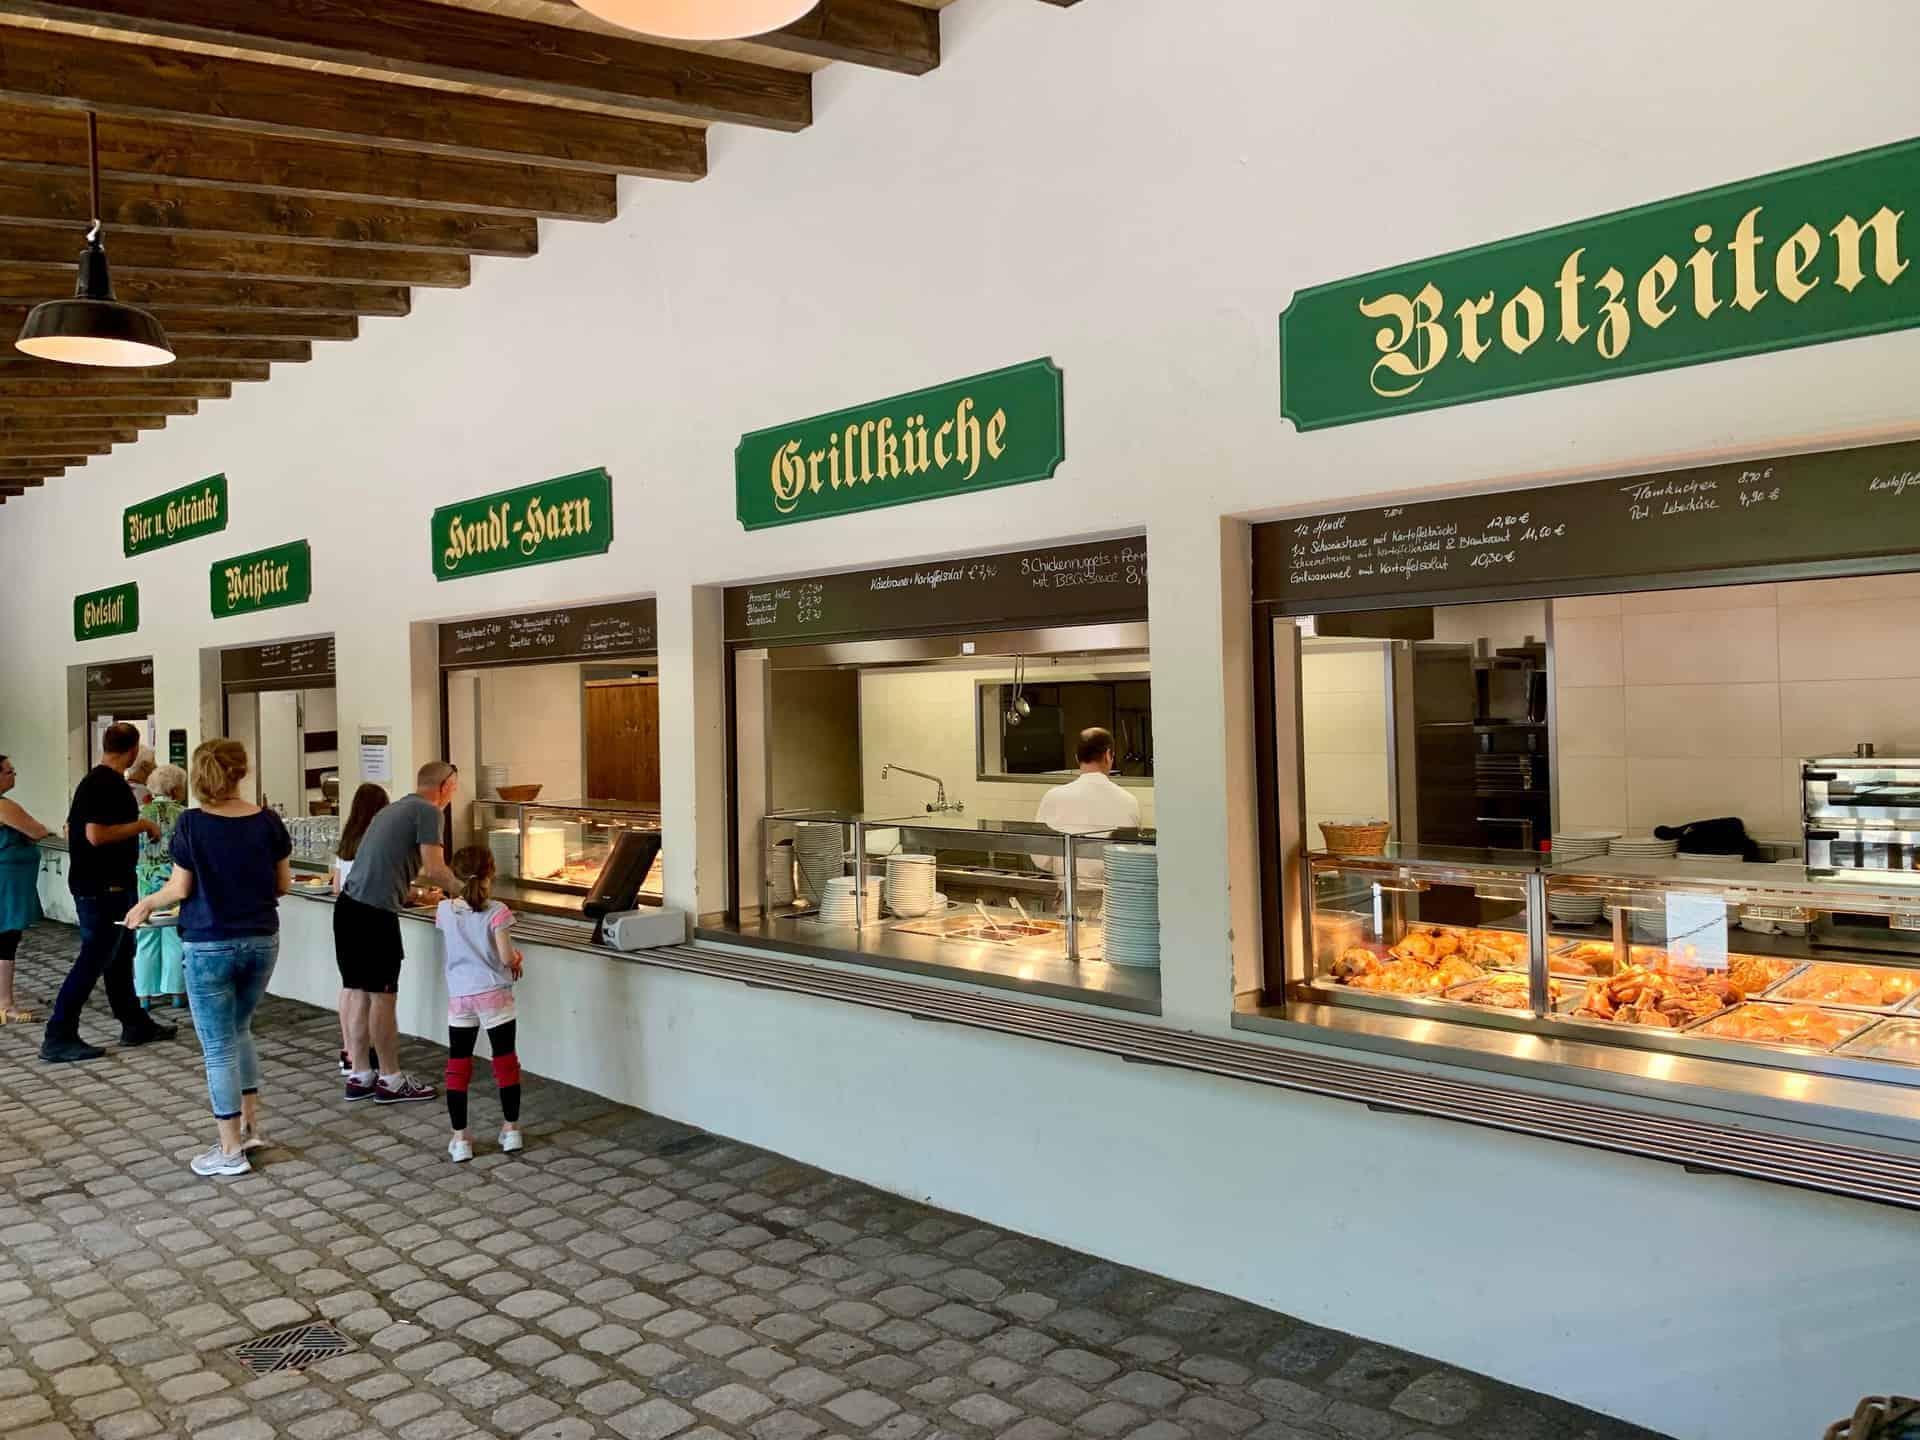 München_Biergarten_Augustiner_Brotzeiten_Schränke_Selbstbedienung